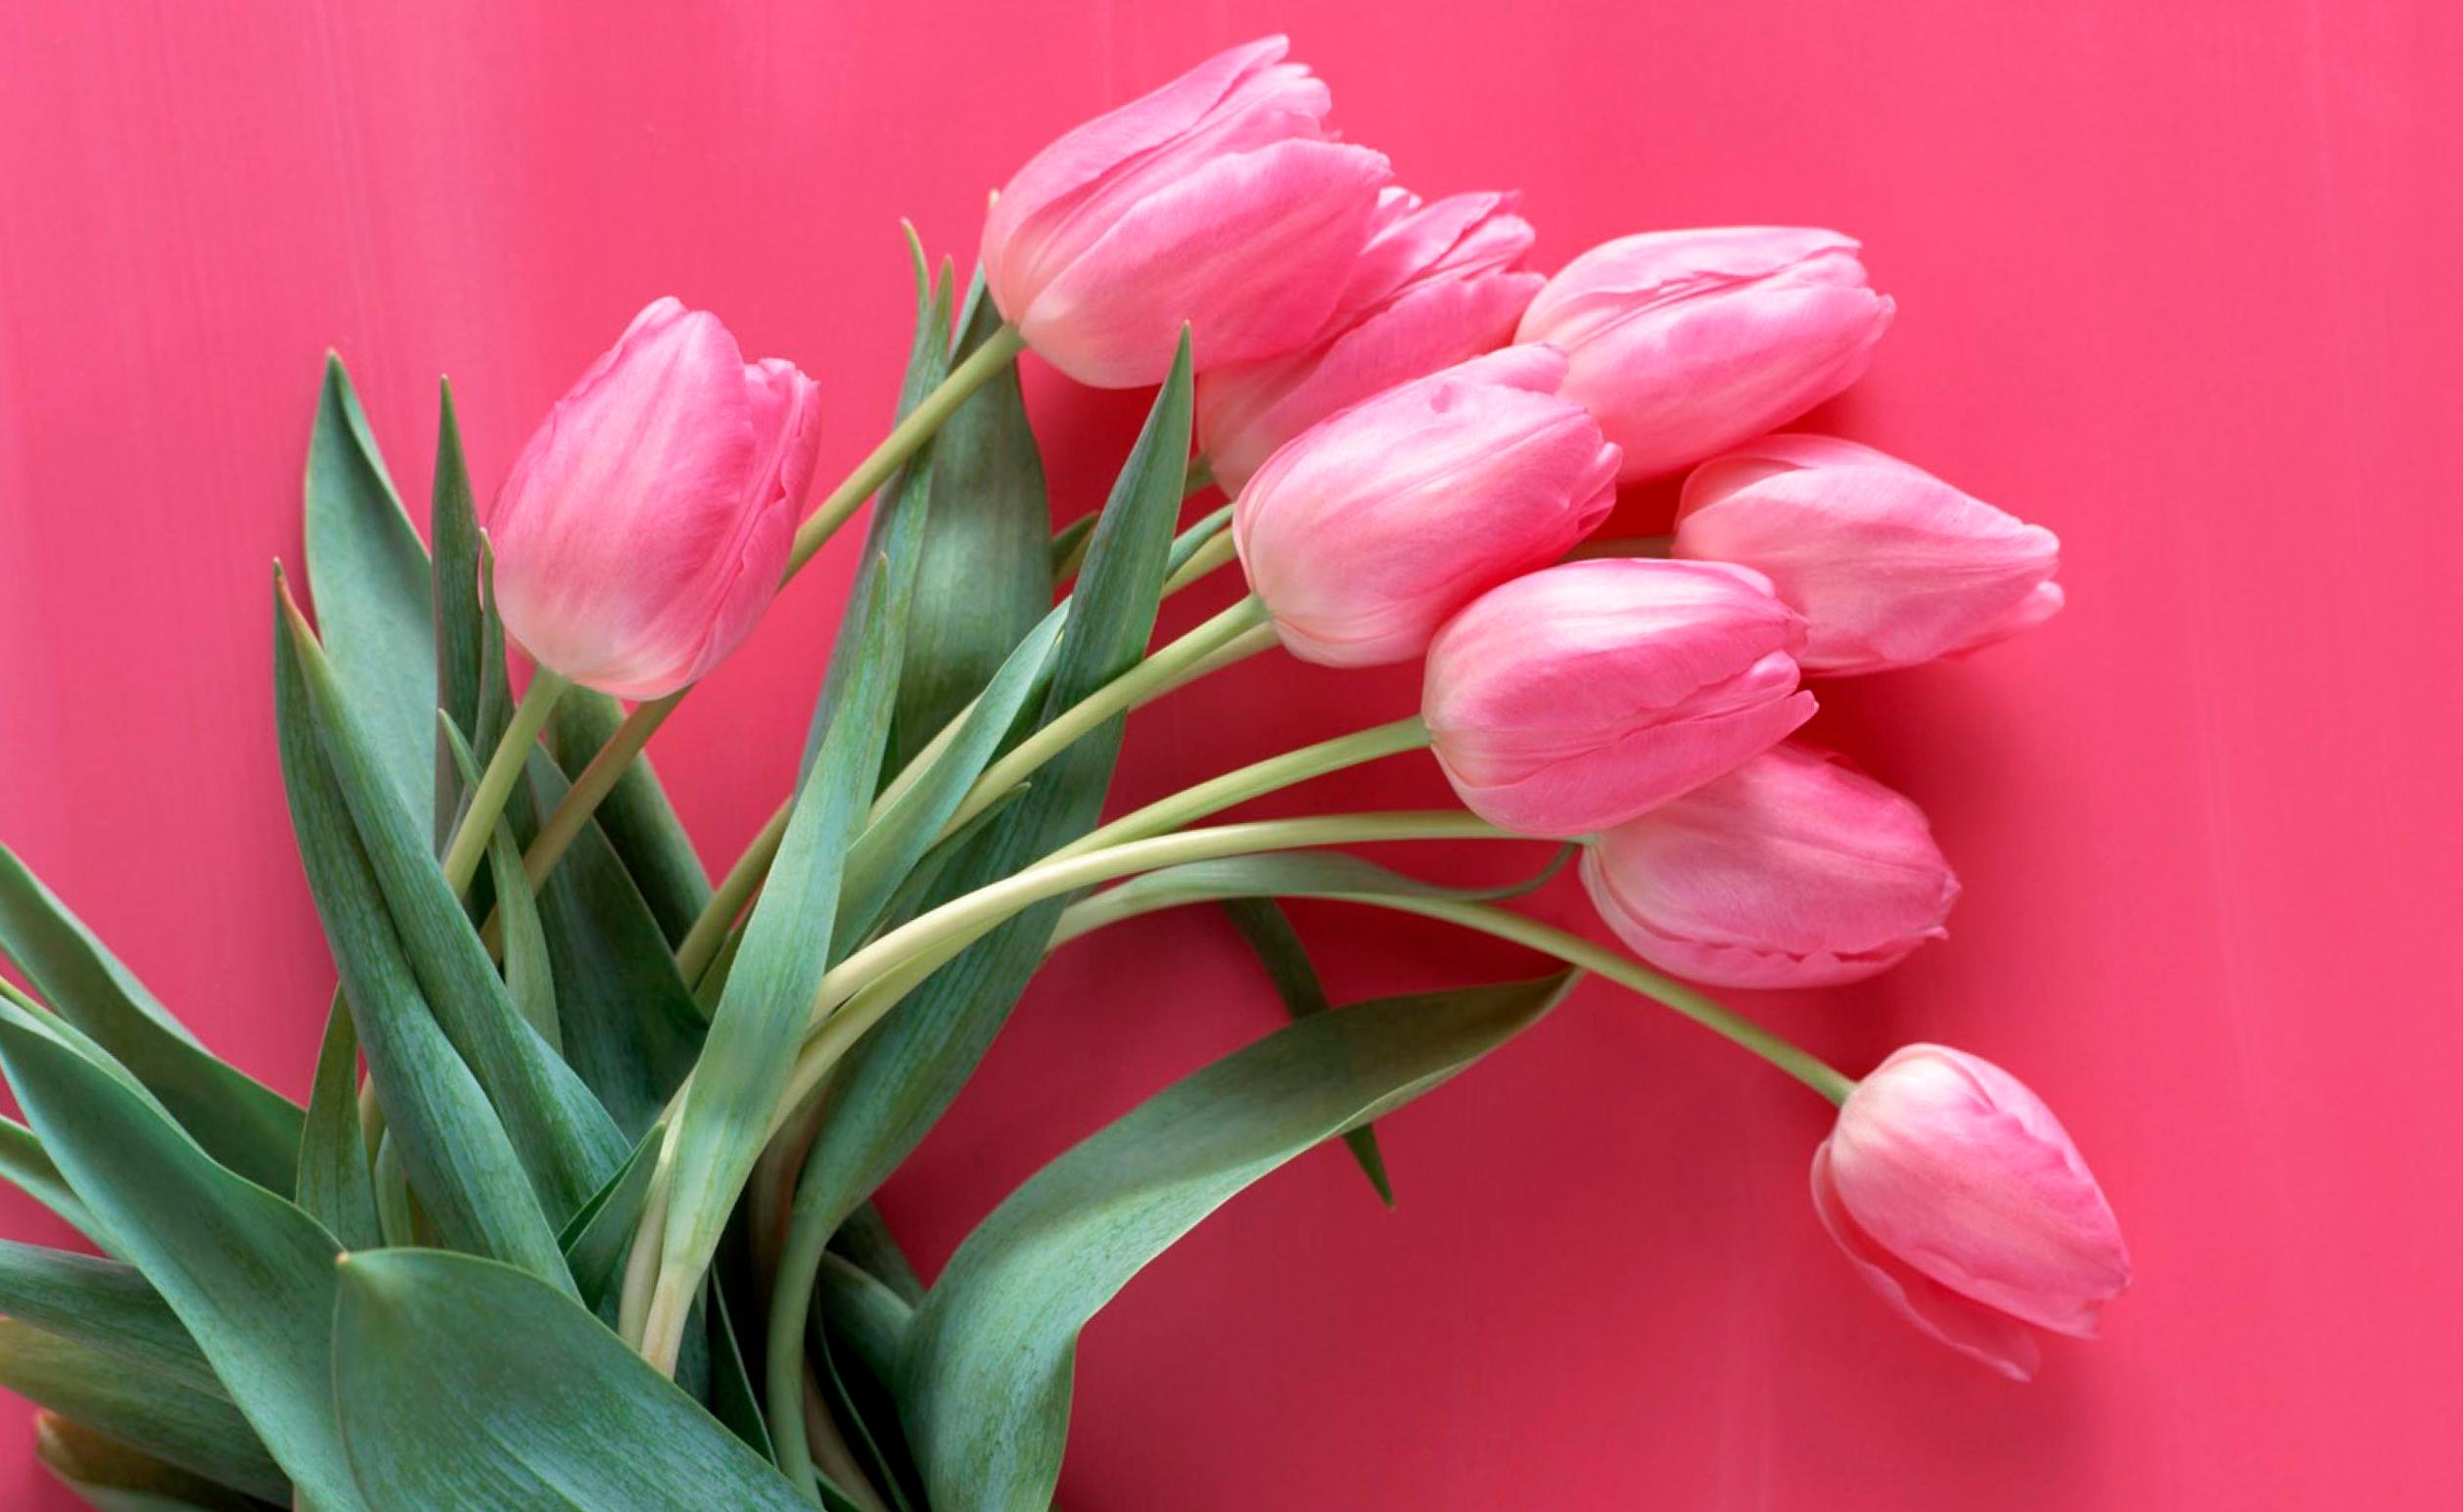 tulip-photo-139